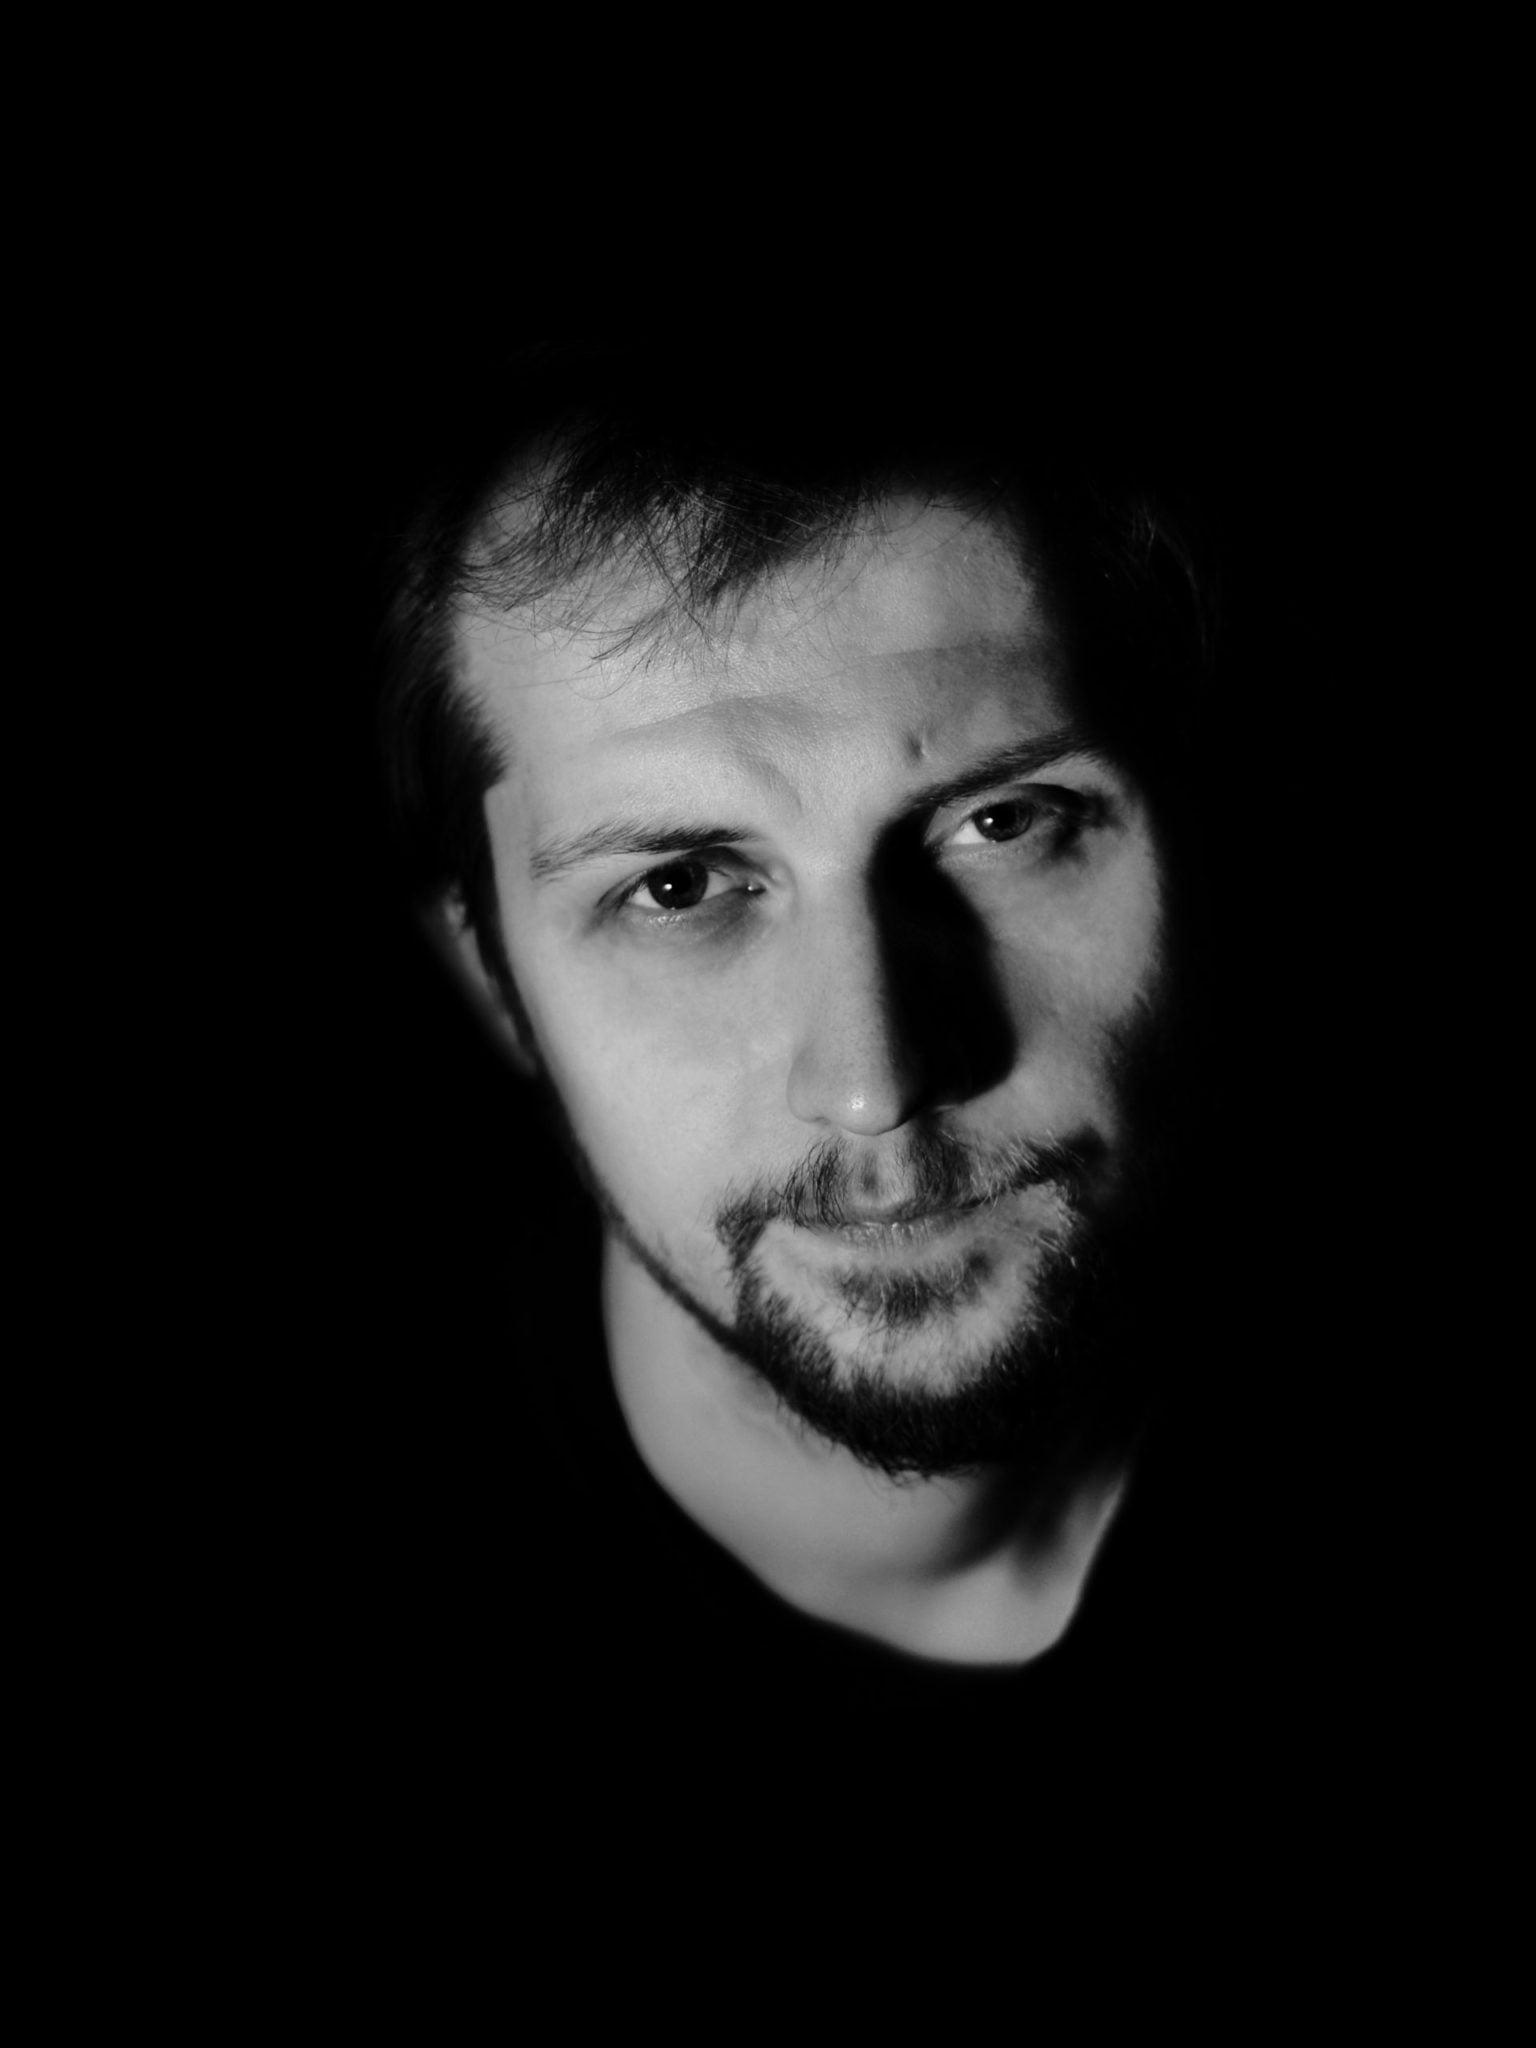 Krzysztof Kołodziński